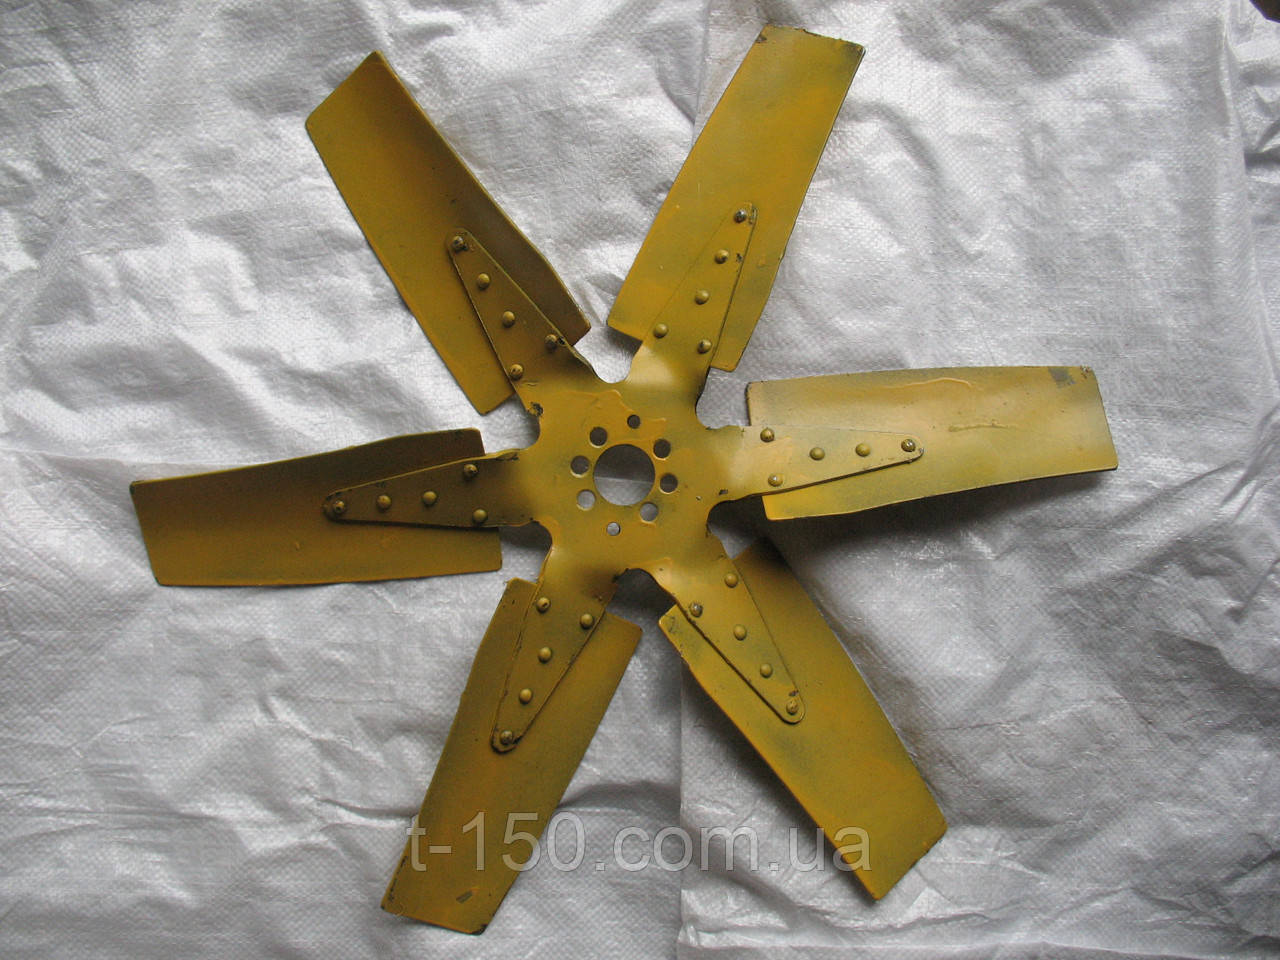 Вентилятор СМД-18...22 (6 лопастей)